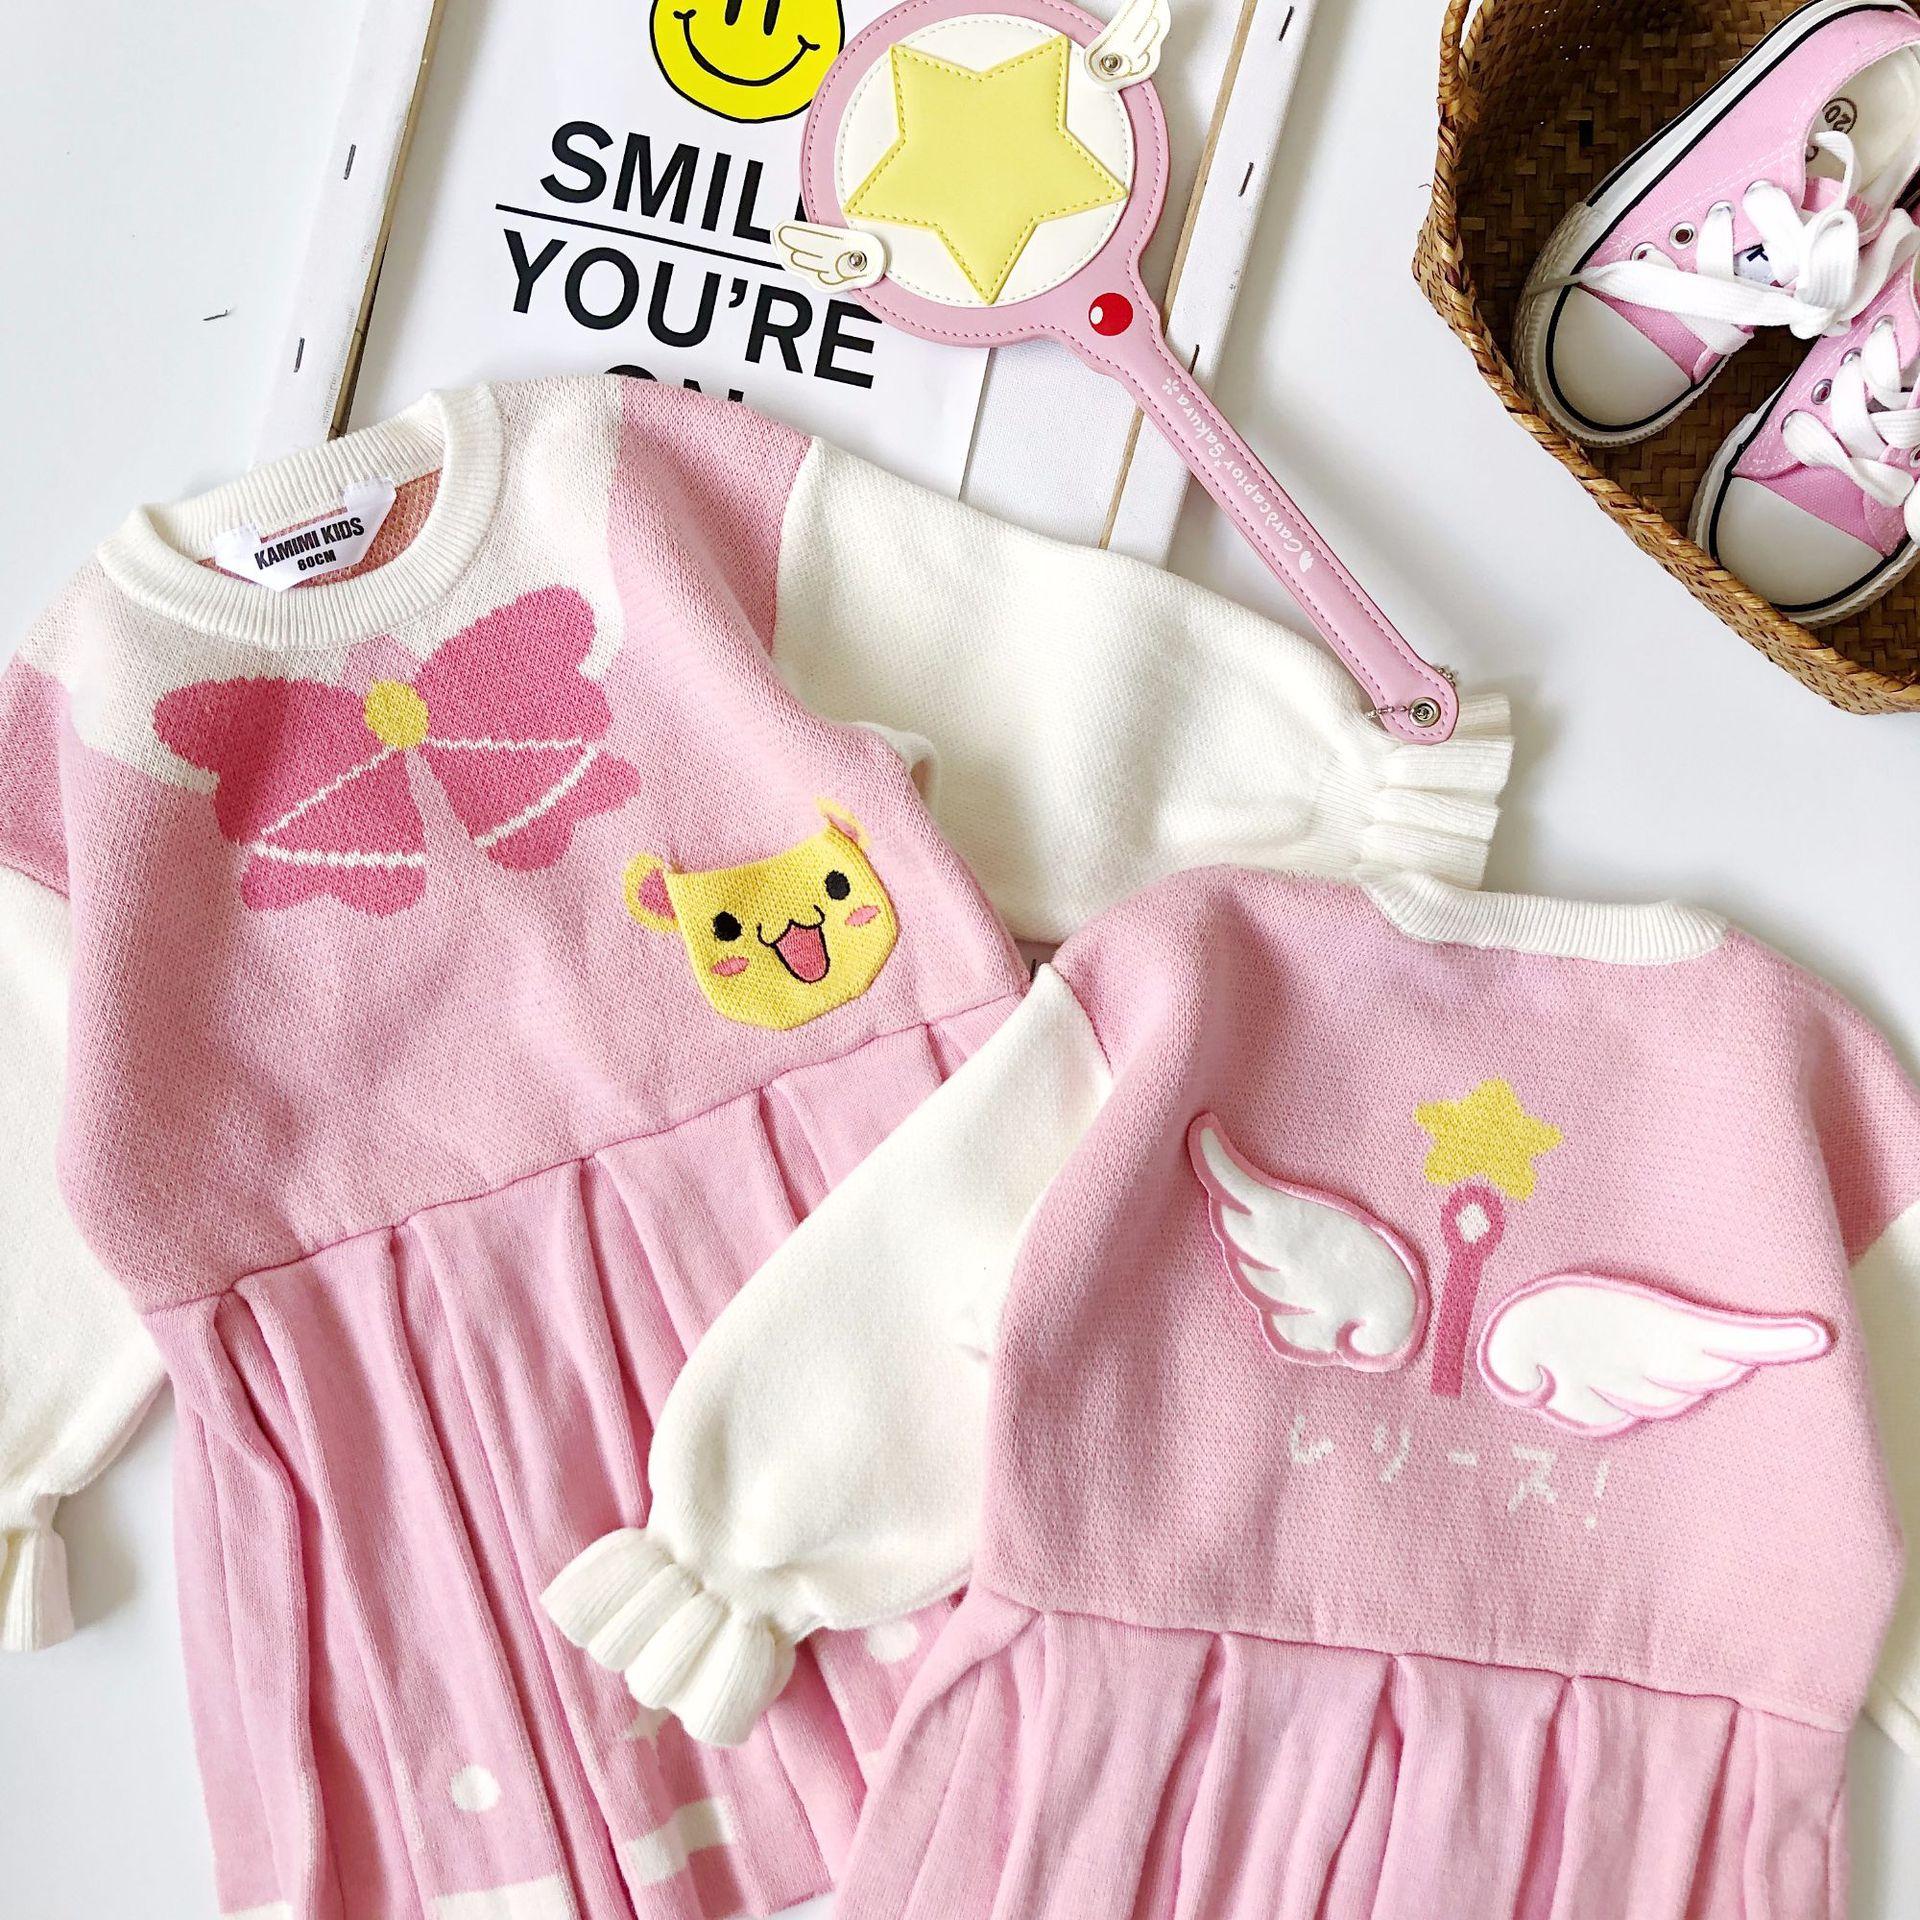 2019 enfants robes pour filles en tissu ange tricot robes bébé fille robe de noël robe élégante tutu robe de noël vêtements